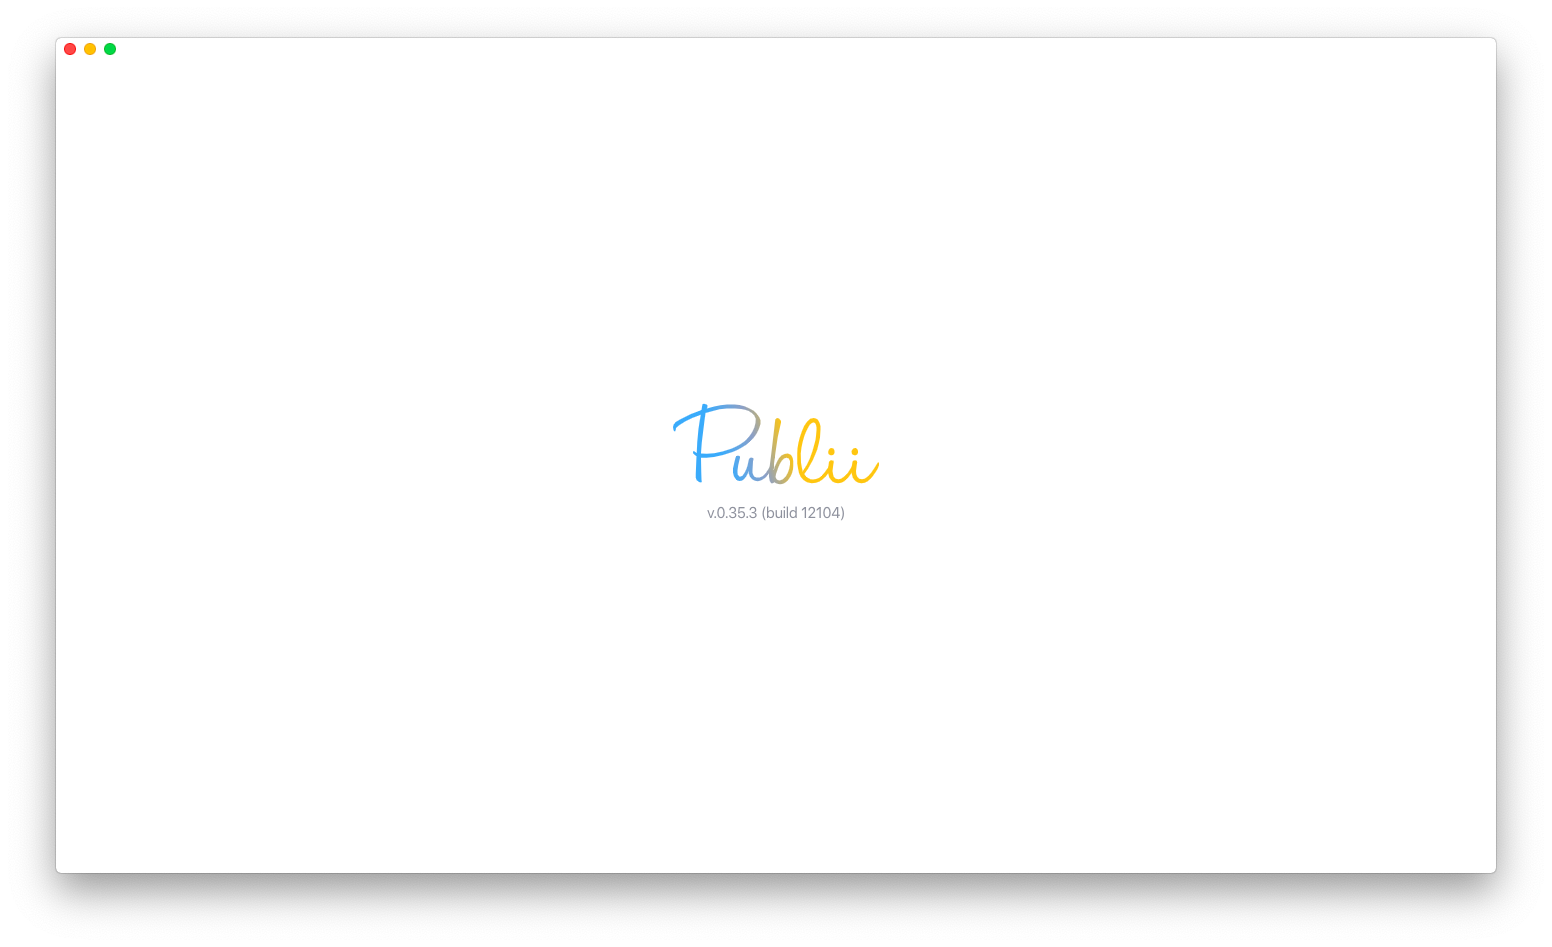 tampilan awal publii